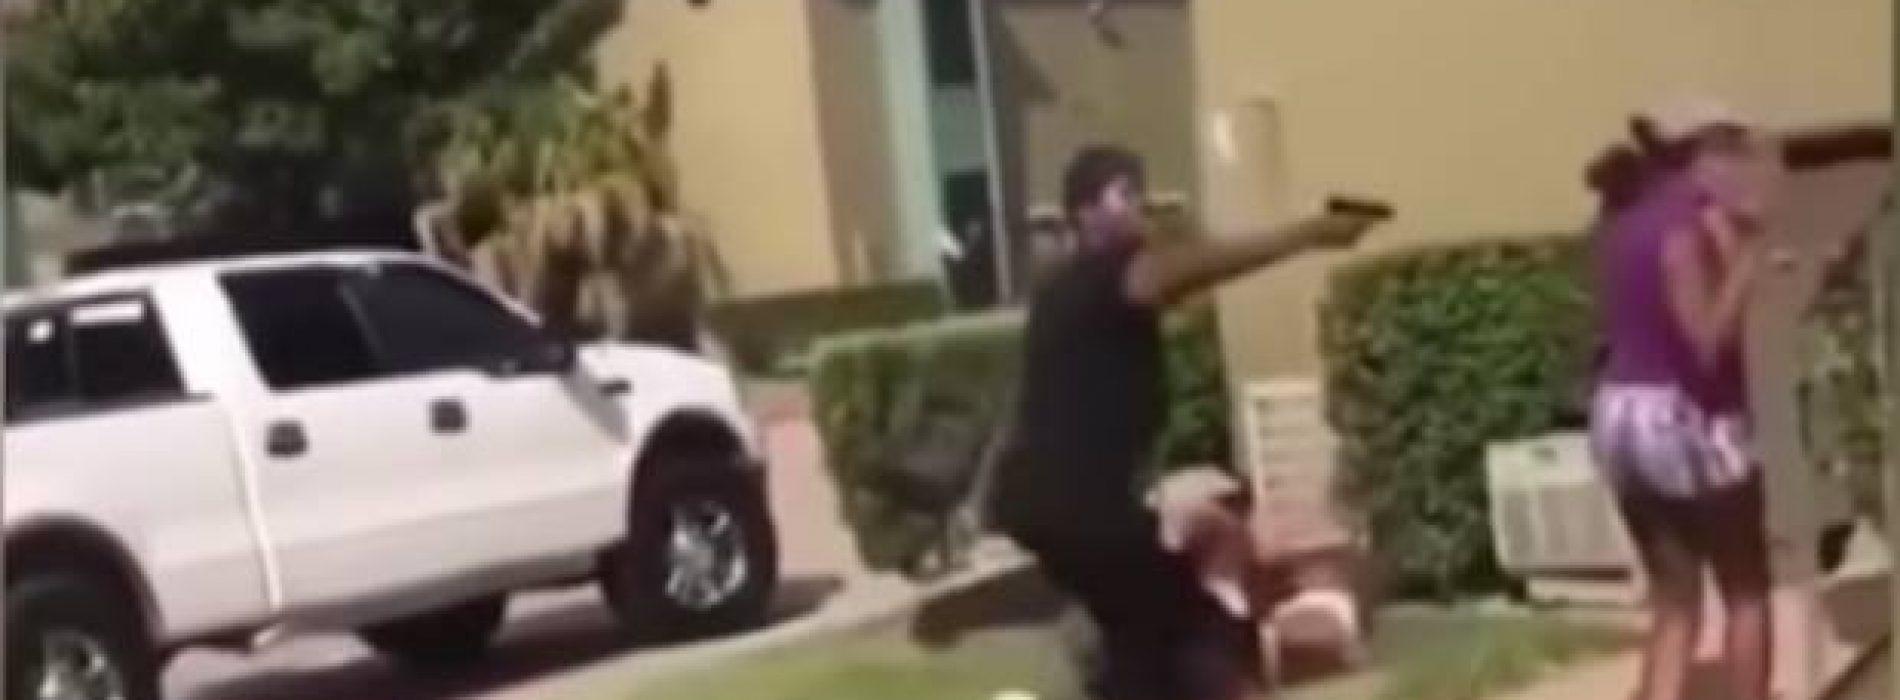 Mujer armada amenaza a adolescente para defender a su hija durante pelea